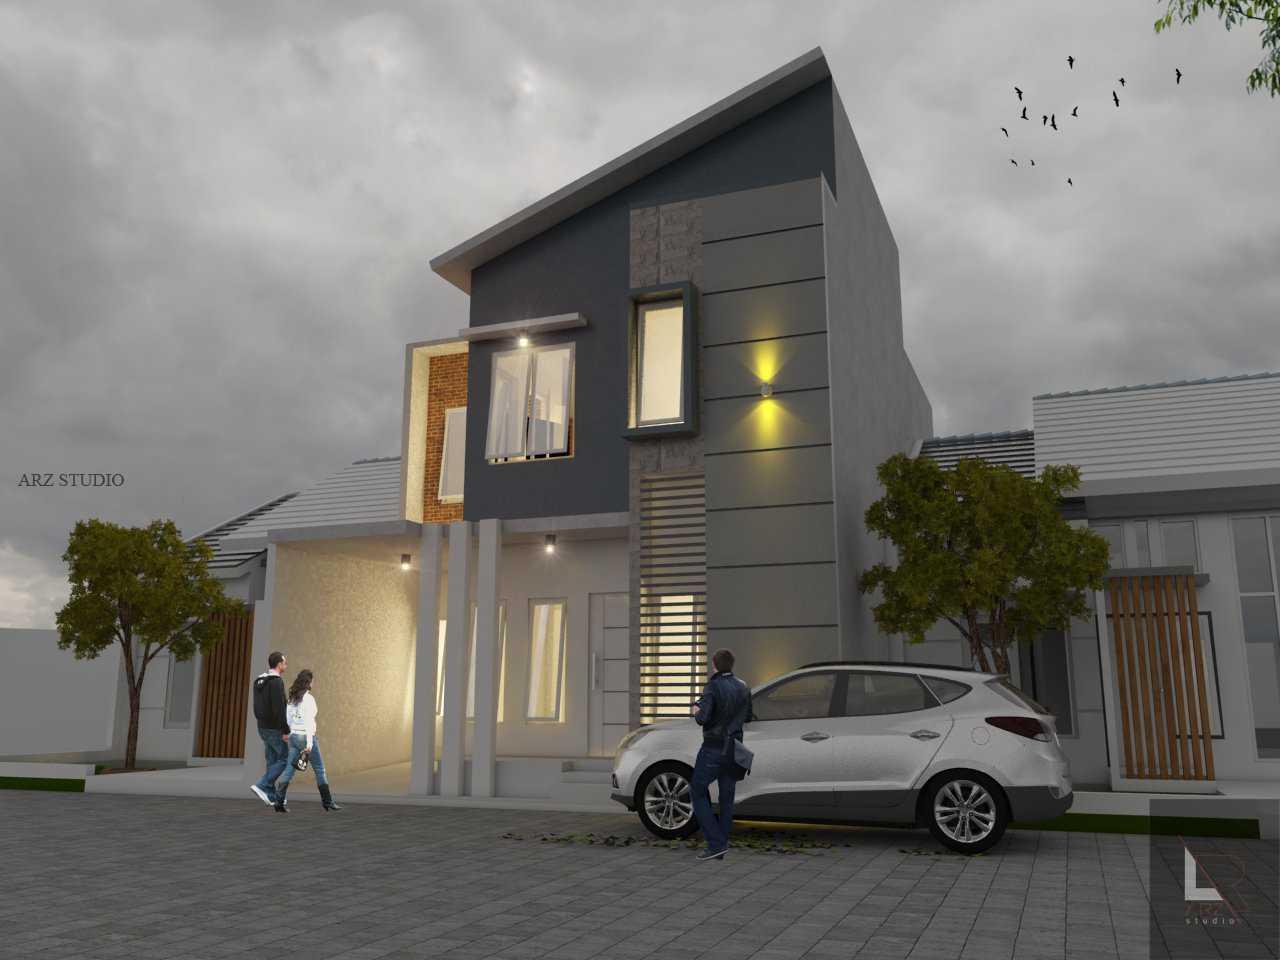 Arz Studio Desain Renovasi Rumah 2 Lt. Malang, Kota Malang, Jawa Timur, Indonesia Malang, Kota Malang, Jawa Timur, Indonesia View Malam  45339